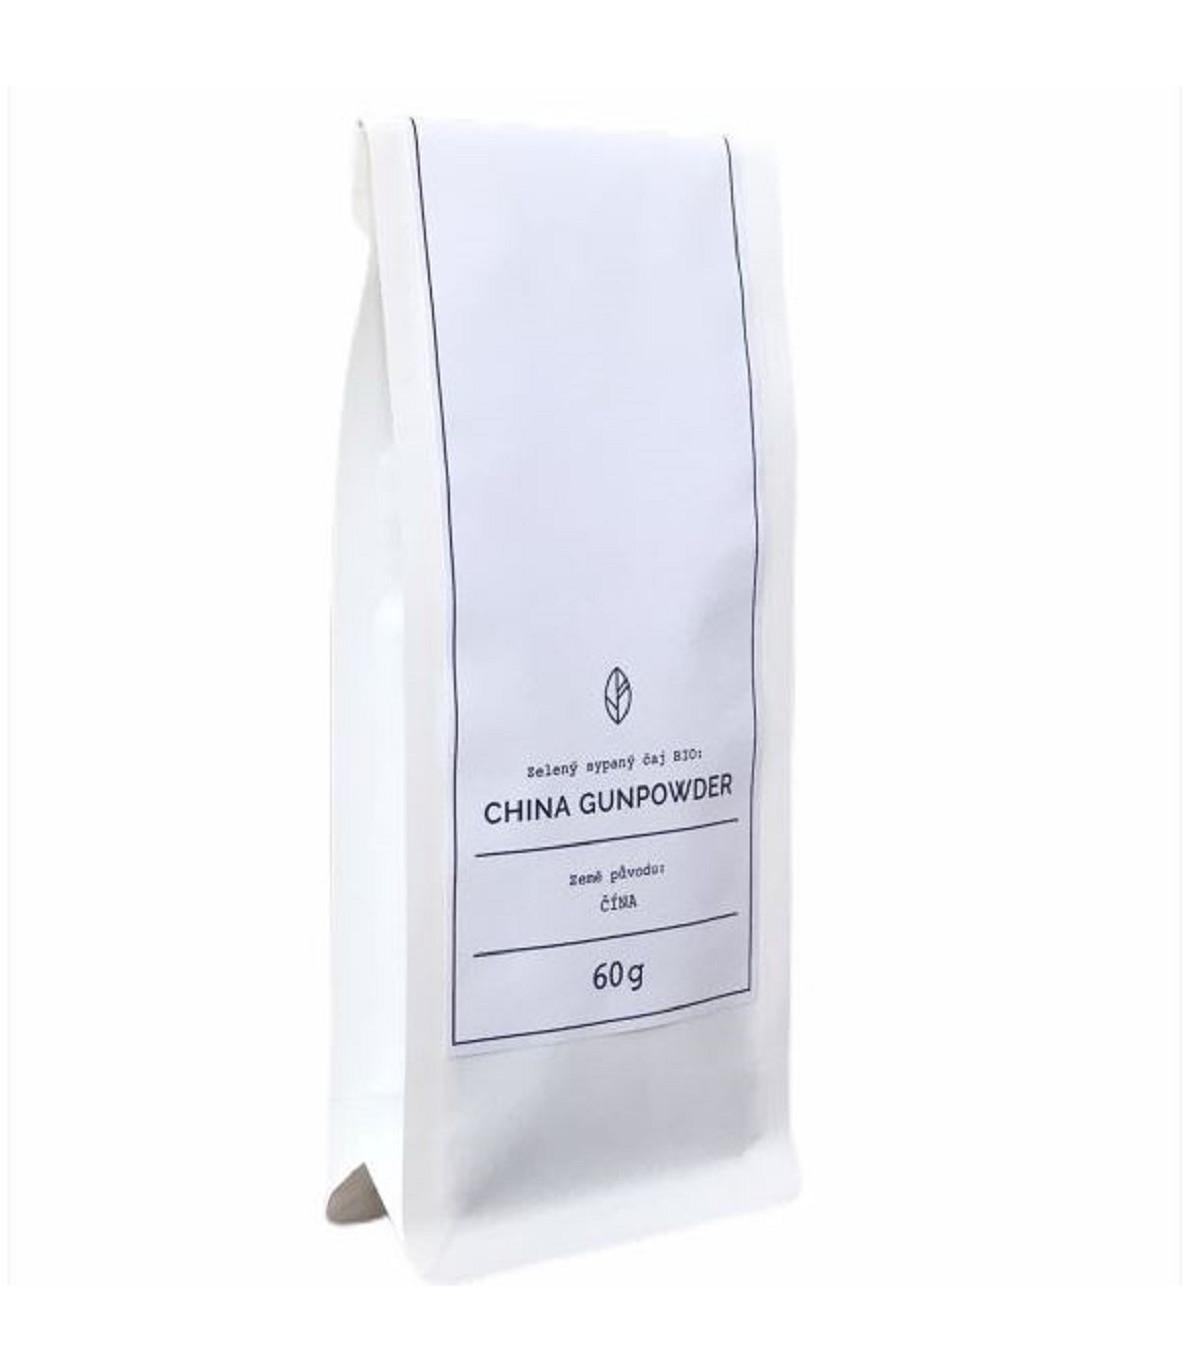 BIO - China Gunpowder Organic Tea - predaj zeleného čaju - 60 g